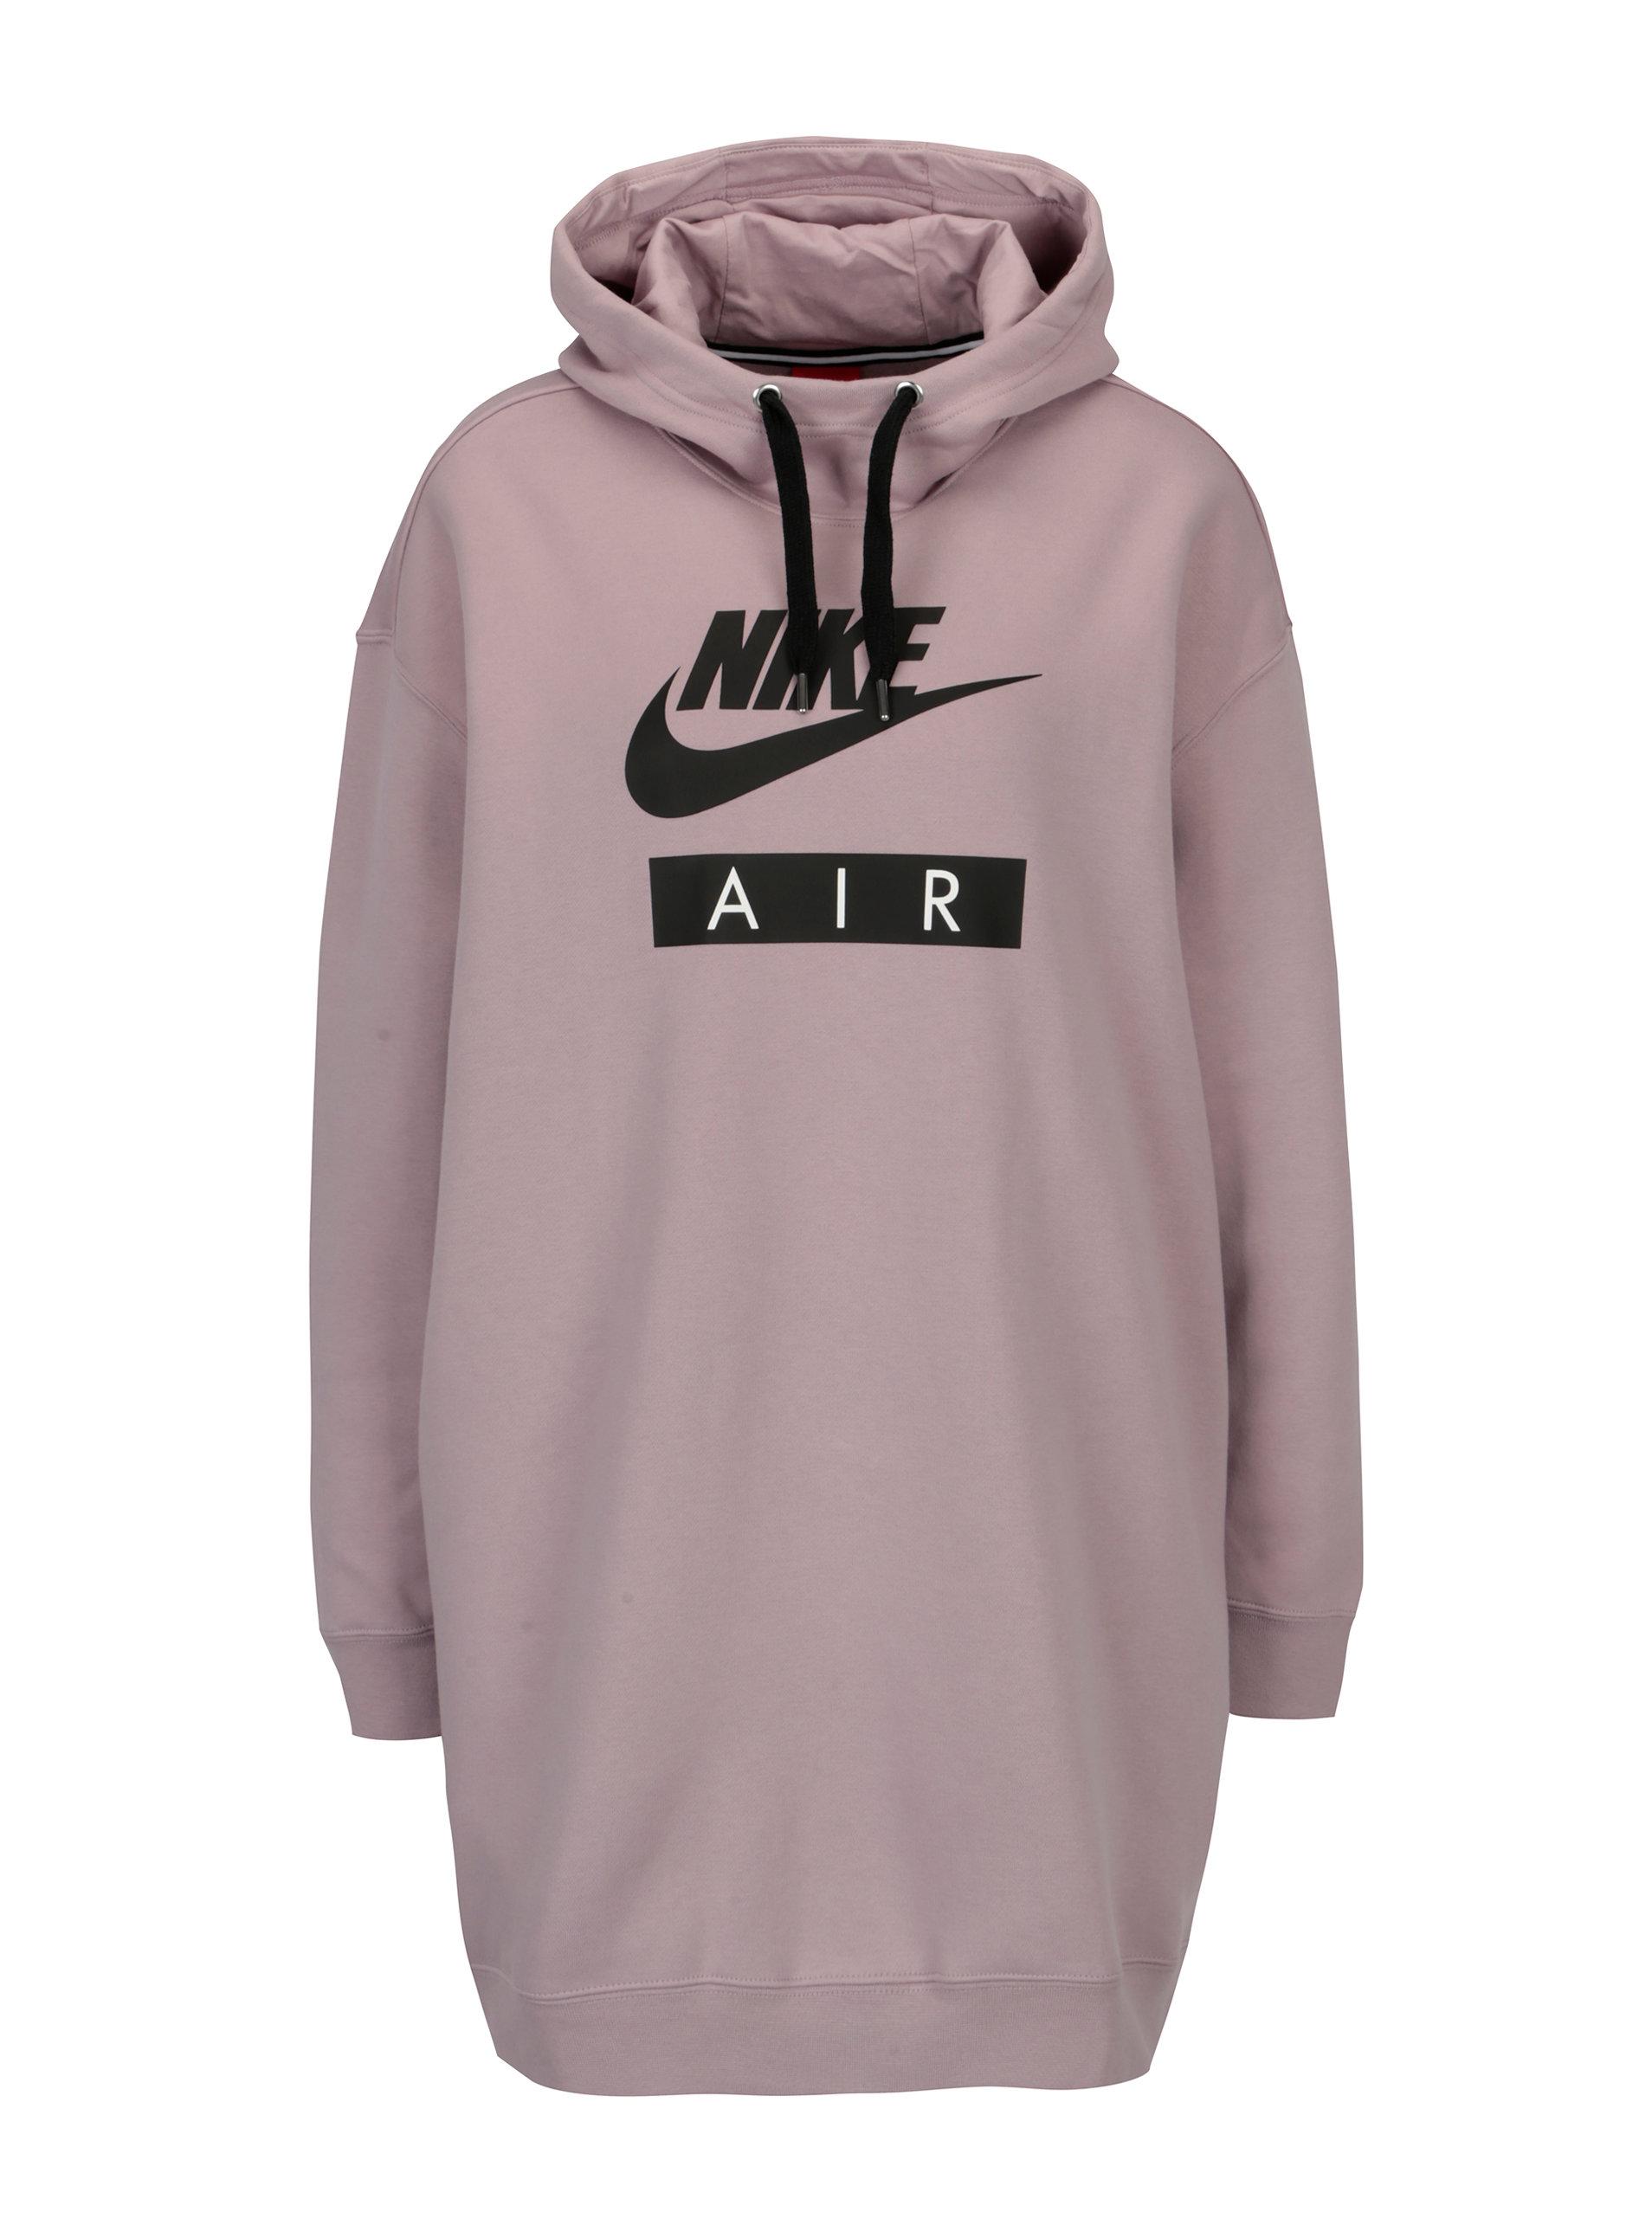 Světle fialová dámská dlouhá mikina s kapucí Nike ... 9dbe495666a